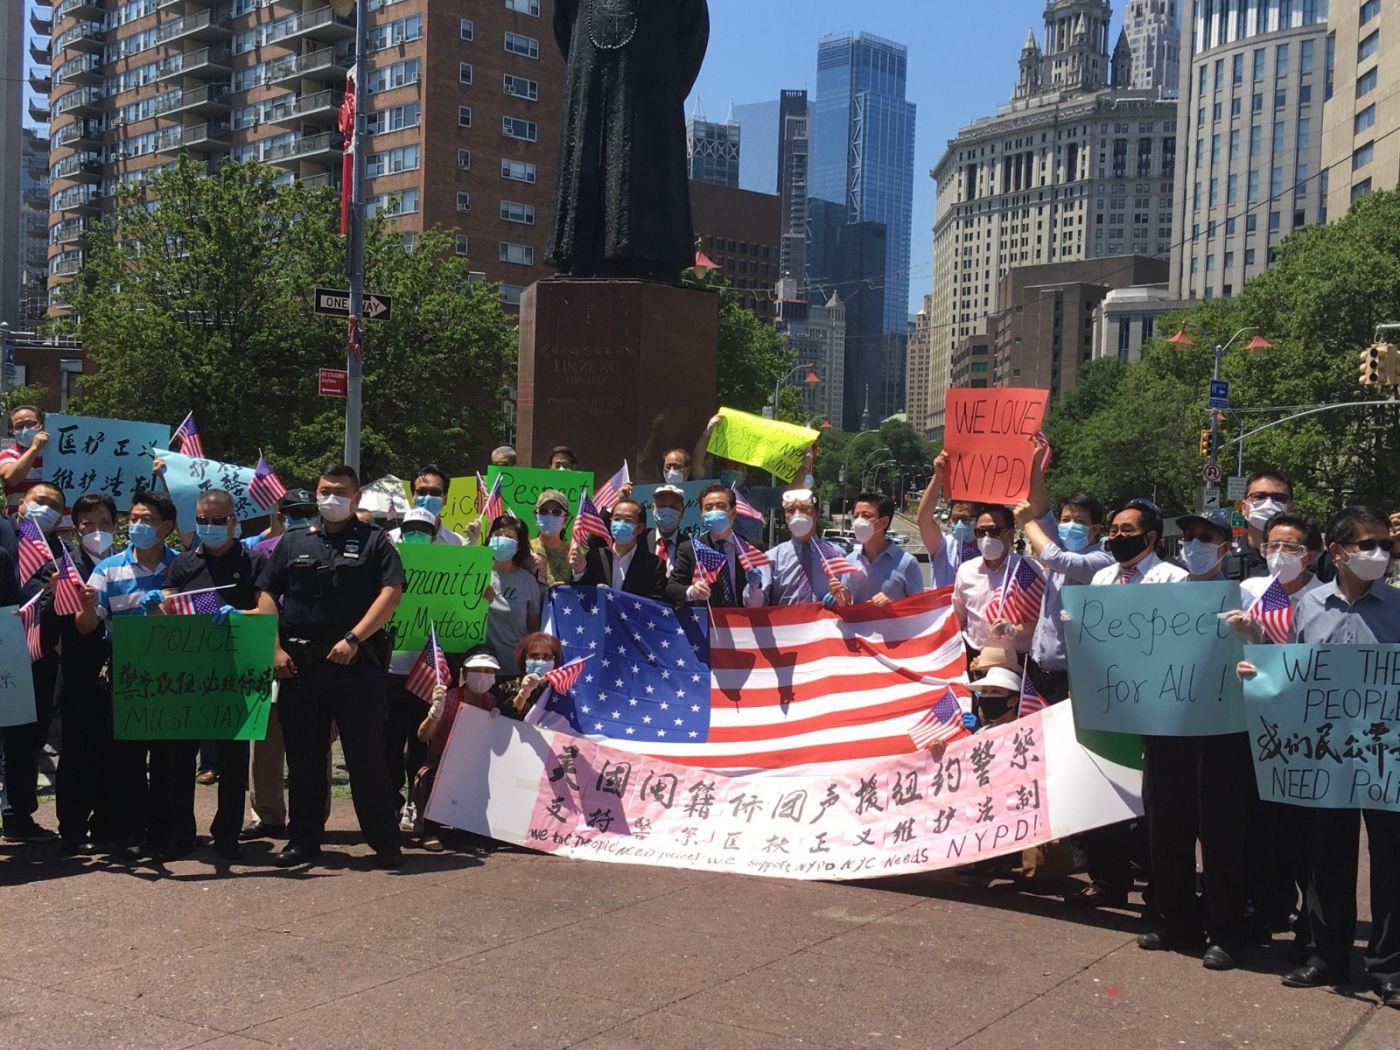 纽约华埠侨团声援支持纽约警察活动_图1-4